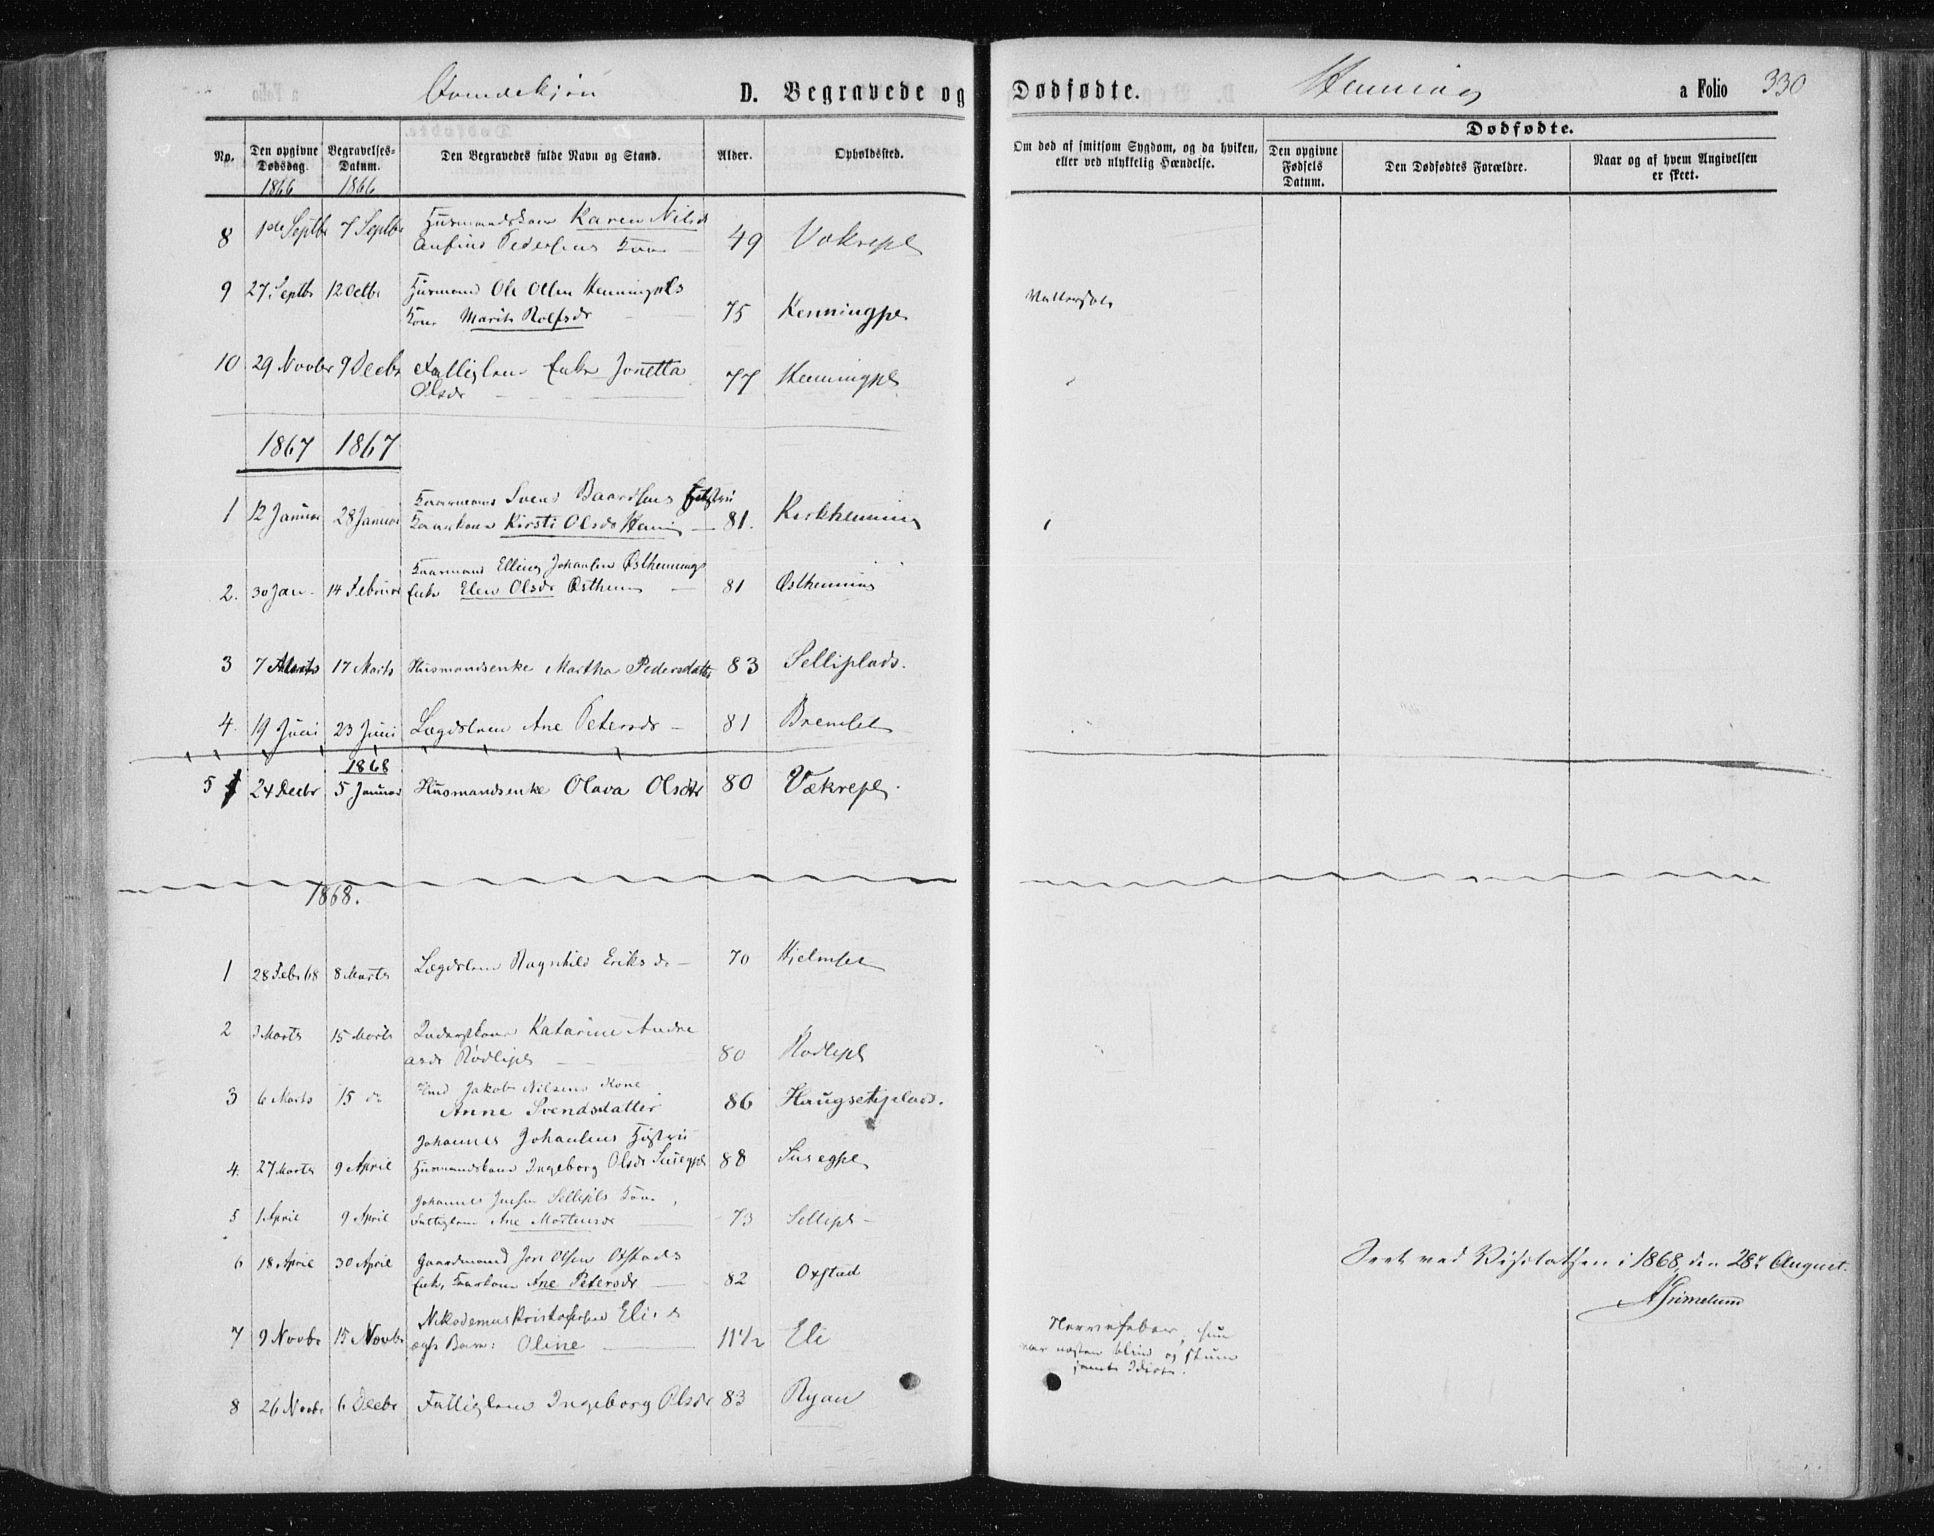 SAT, Ministerialprotokoller, klokkerbøker og fødselsregistre - Nord-Trøndelag, 735/L0345: Ministerialbok nr. 735A08 /3, 1863-1872, s. 330